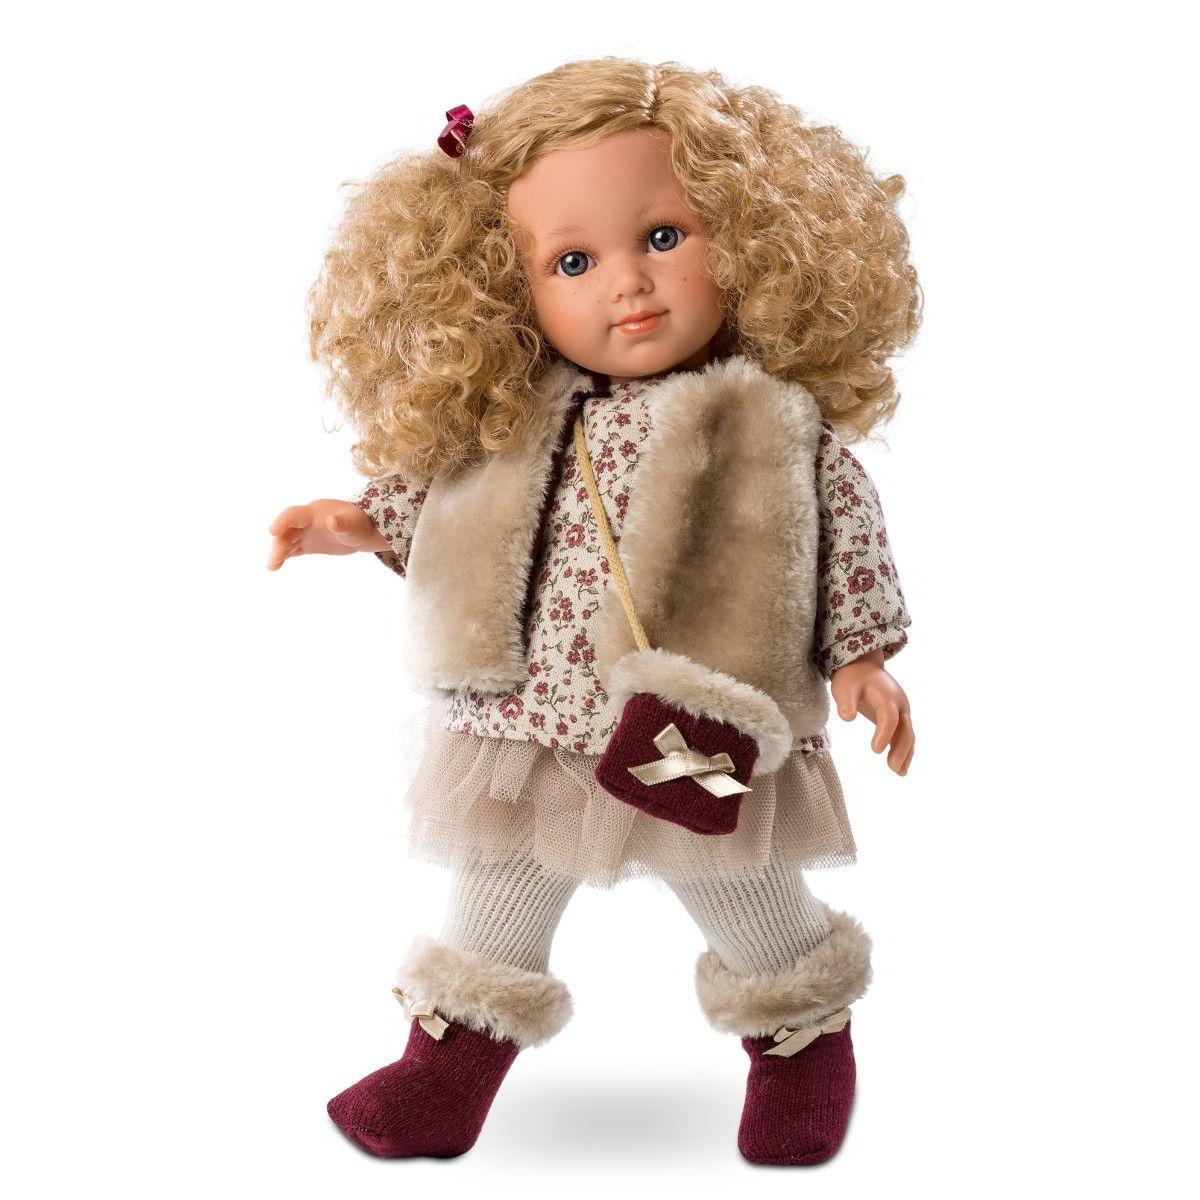 Купить Кукла Елена, 35 см, Llorens Juan